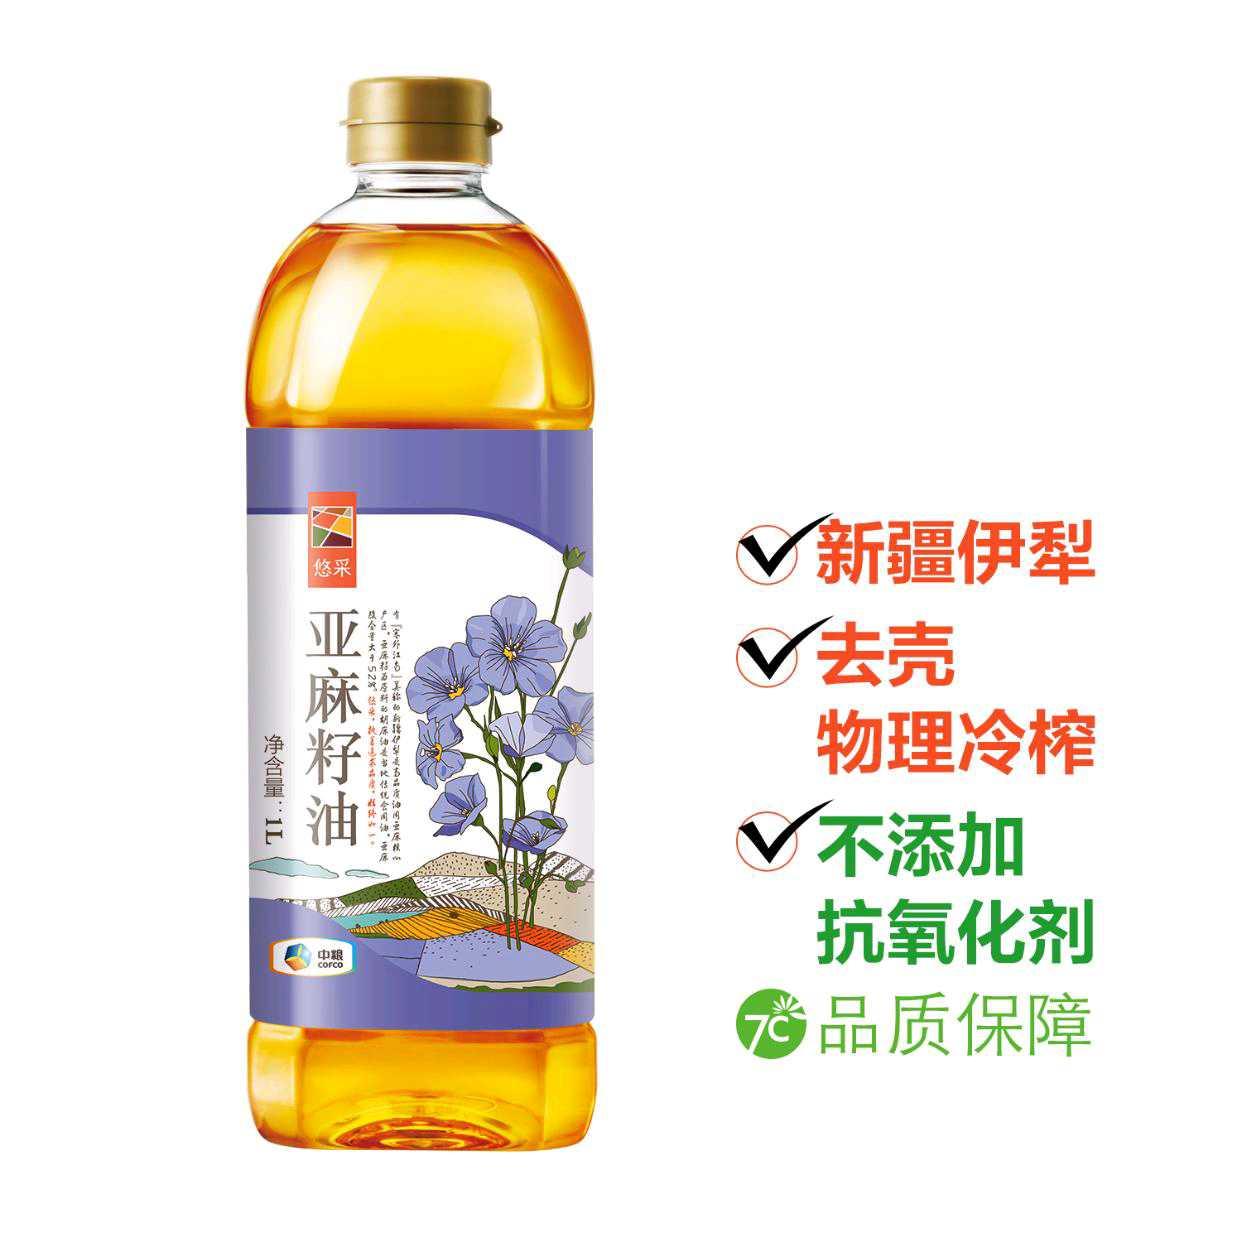 中粮悠采亚麻籽油1L新疆伊犁亚麻籽亚油酸冷榨不加抗氧化剂包邮